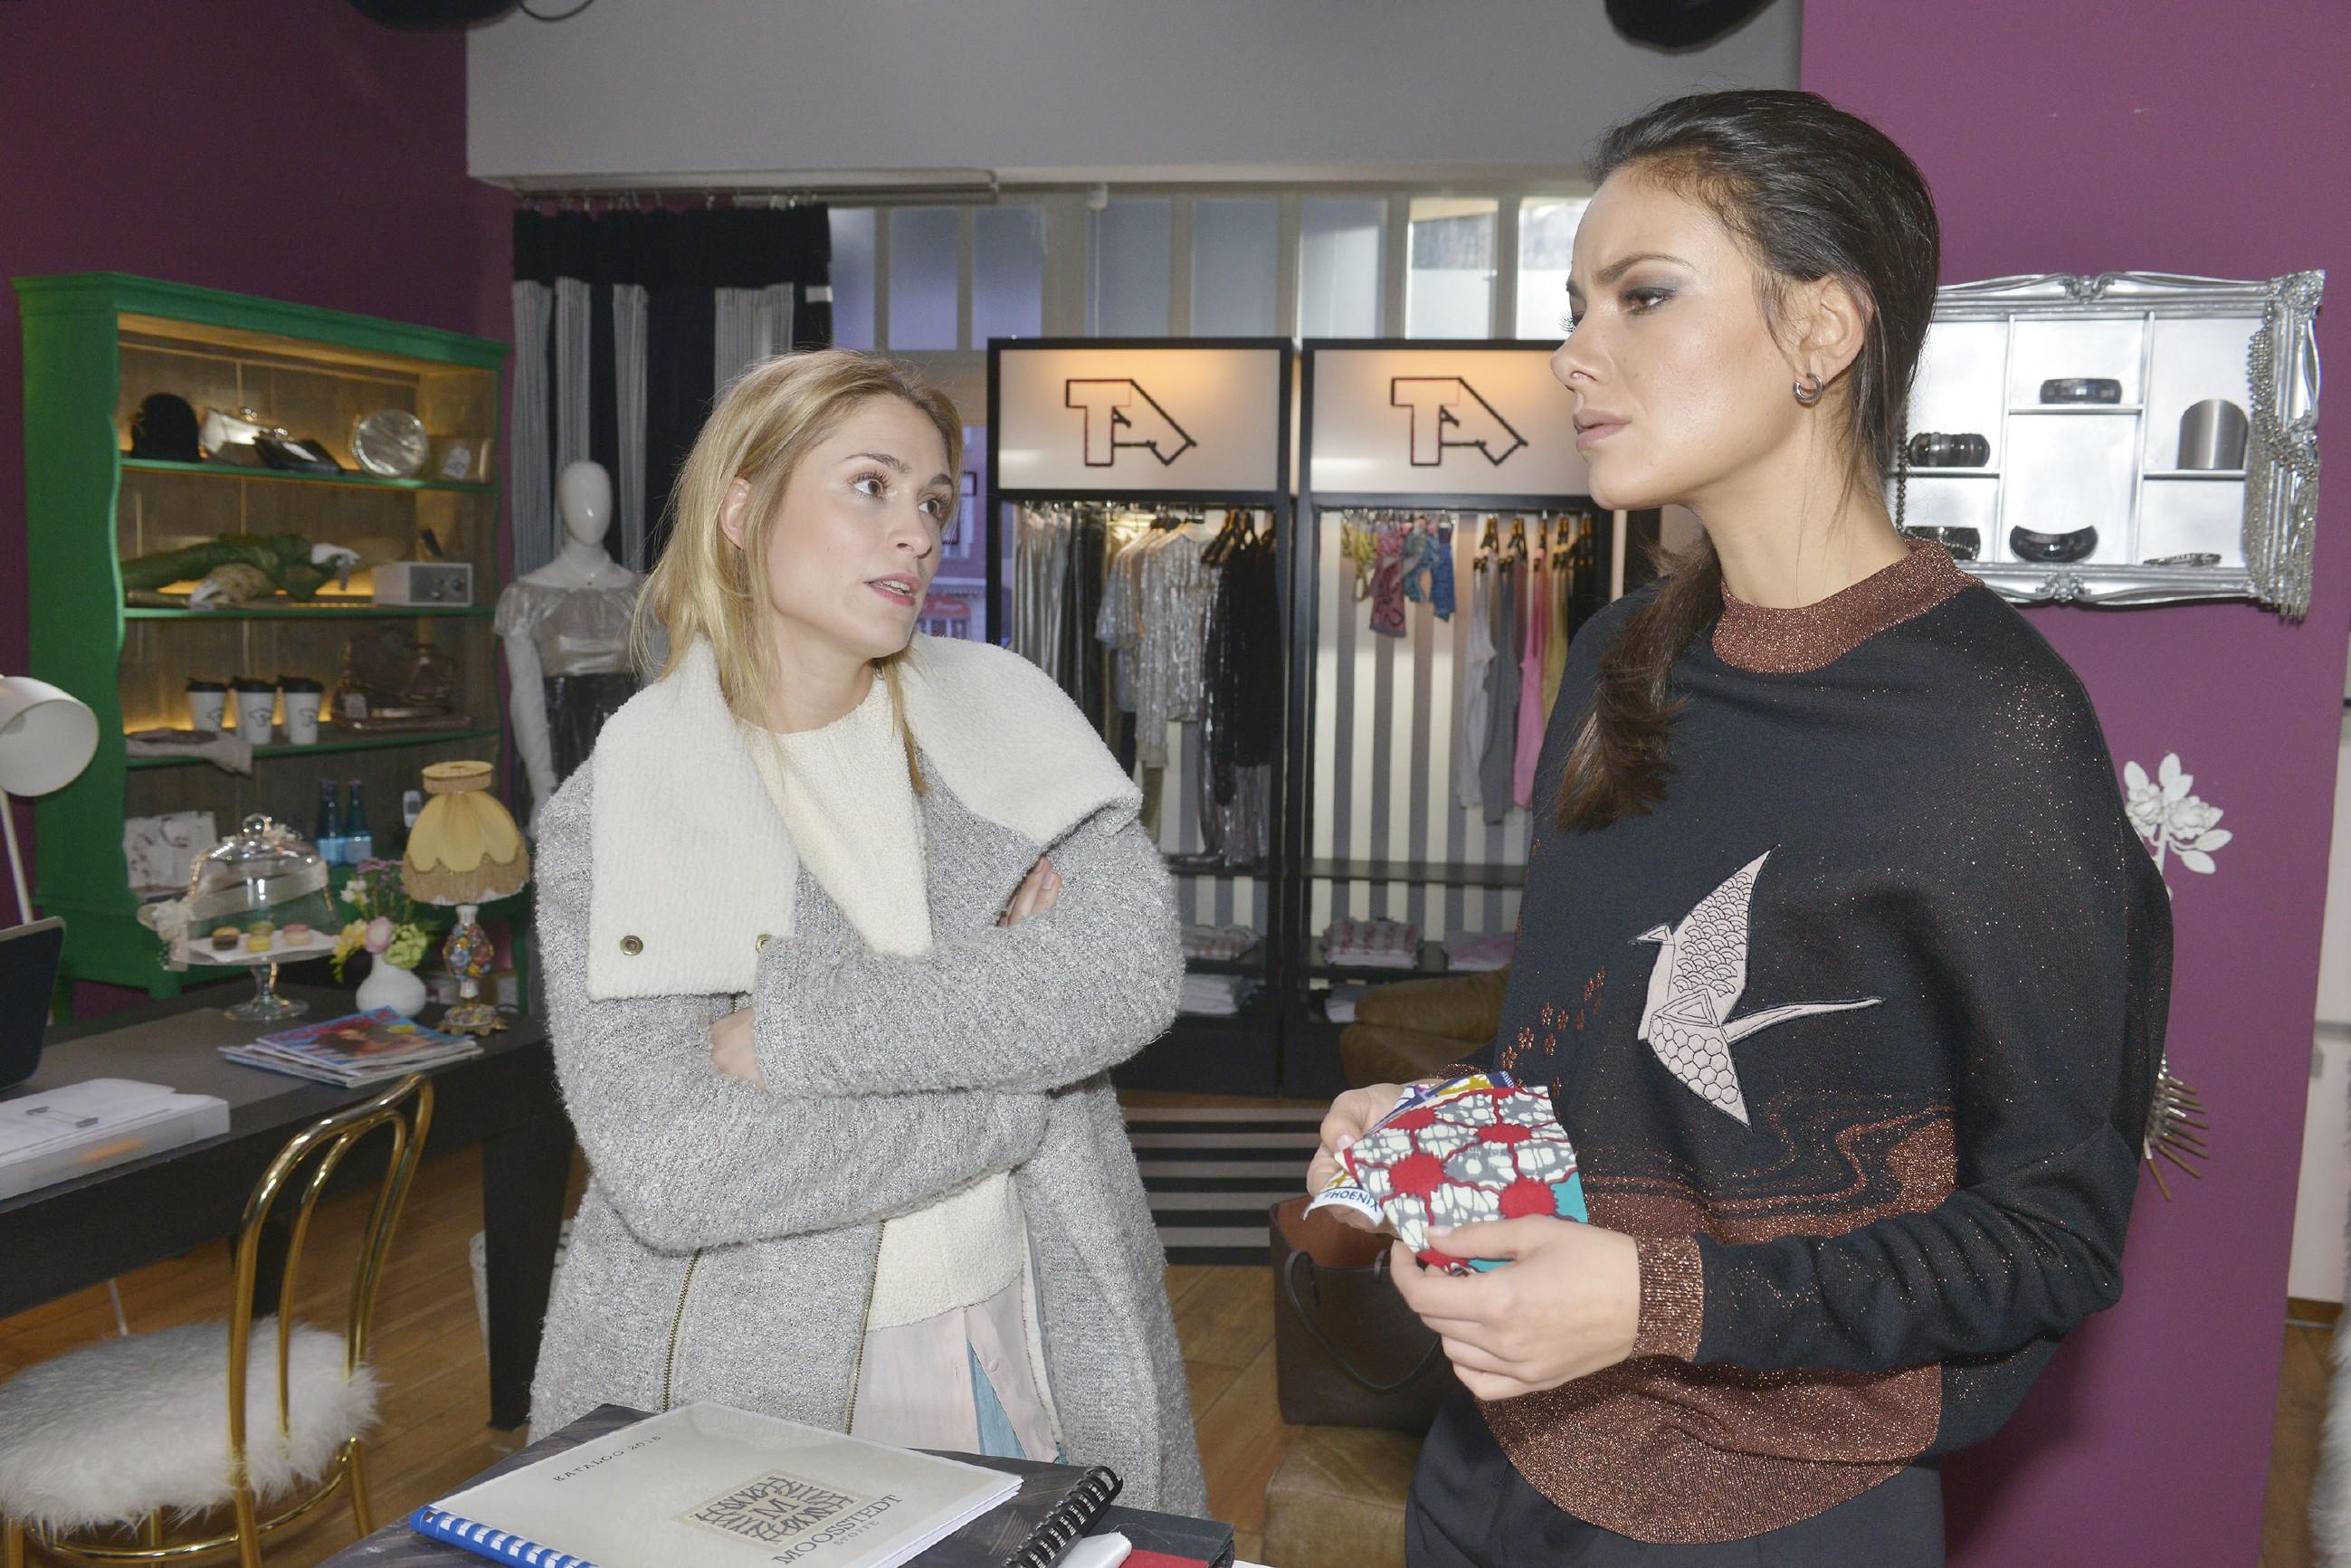 Jasmin (Janina Uhse, r.) überlegt mit Sophie (Lea Marlen Woitack), wie sie Katrin auf andere Gedanken bringen könnte. (Quelle: RTL / Rolf Baumgartner)